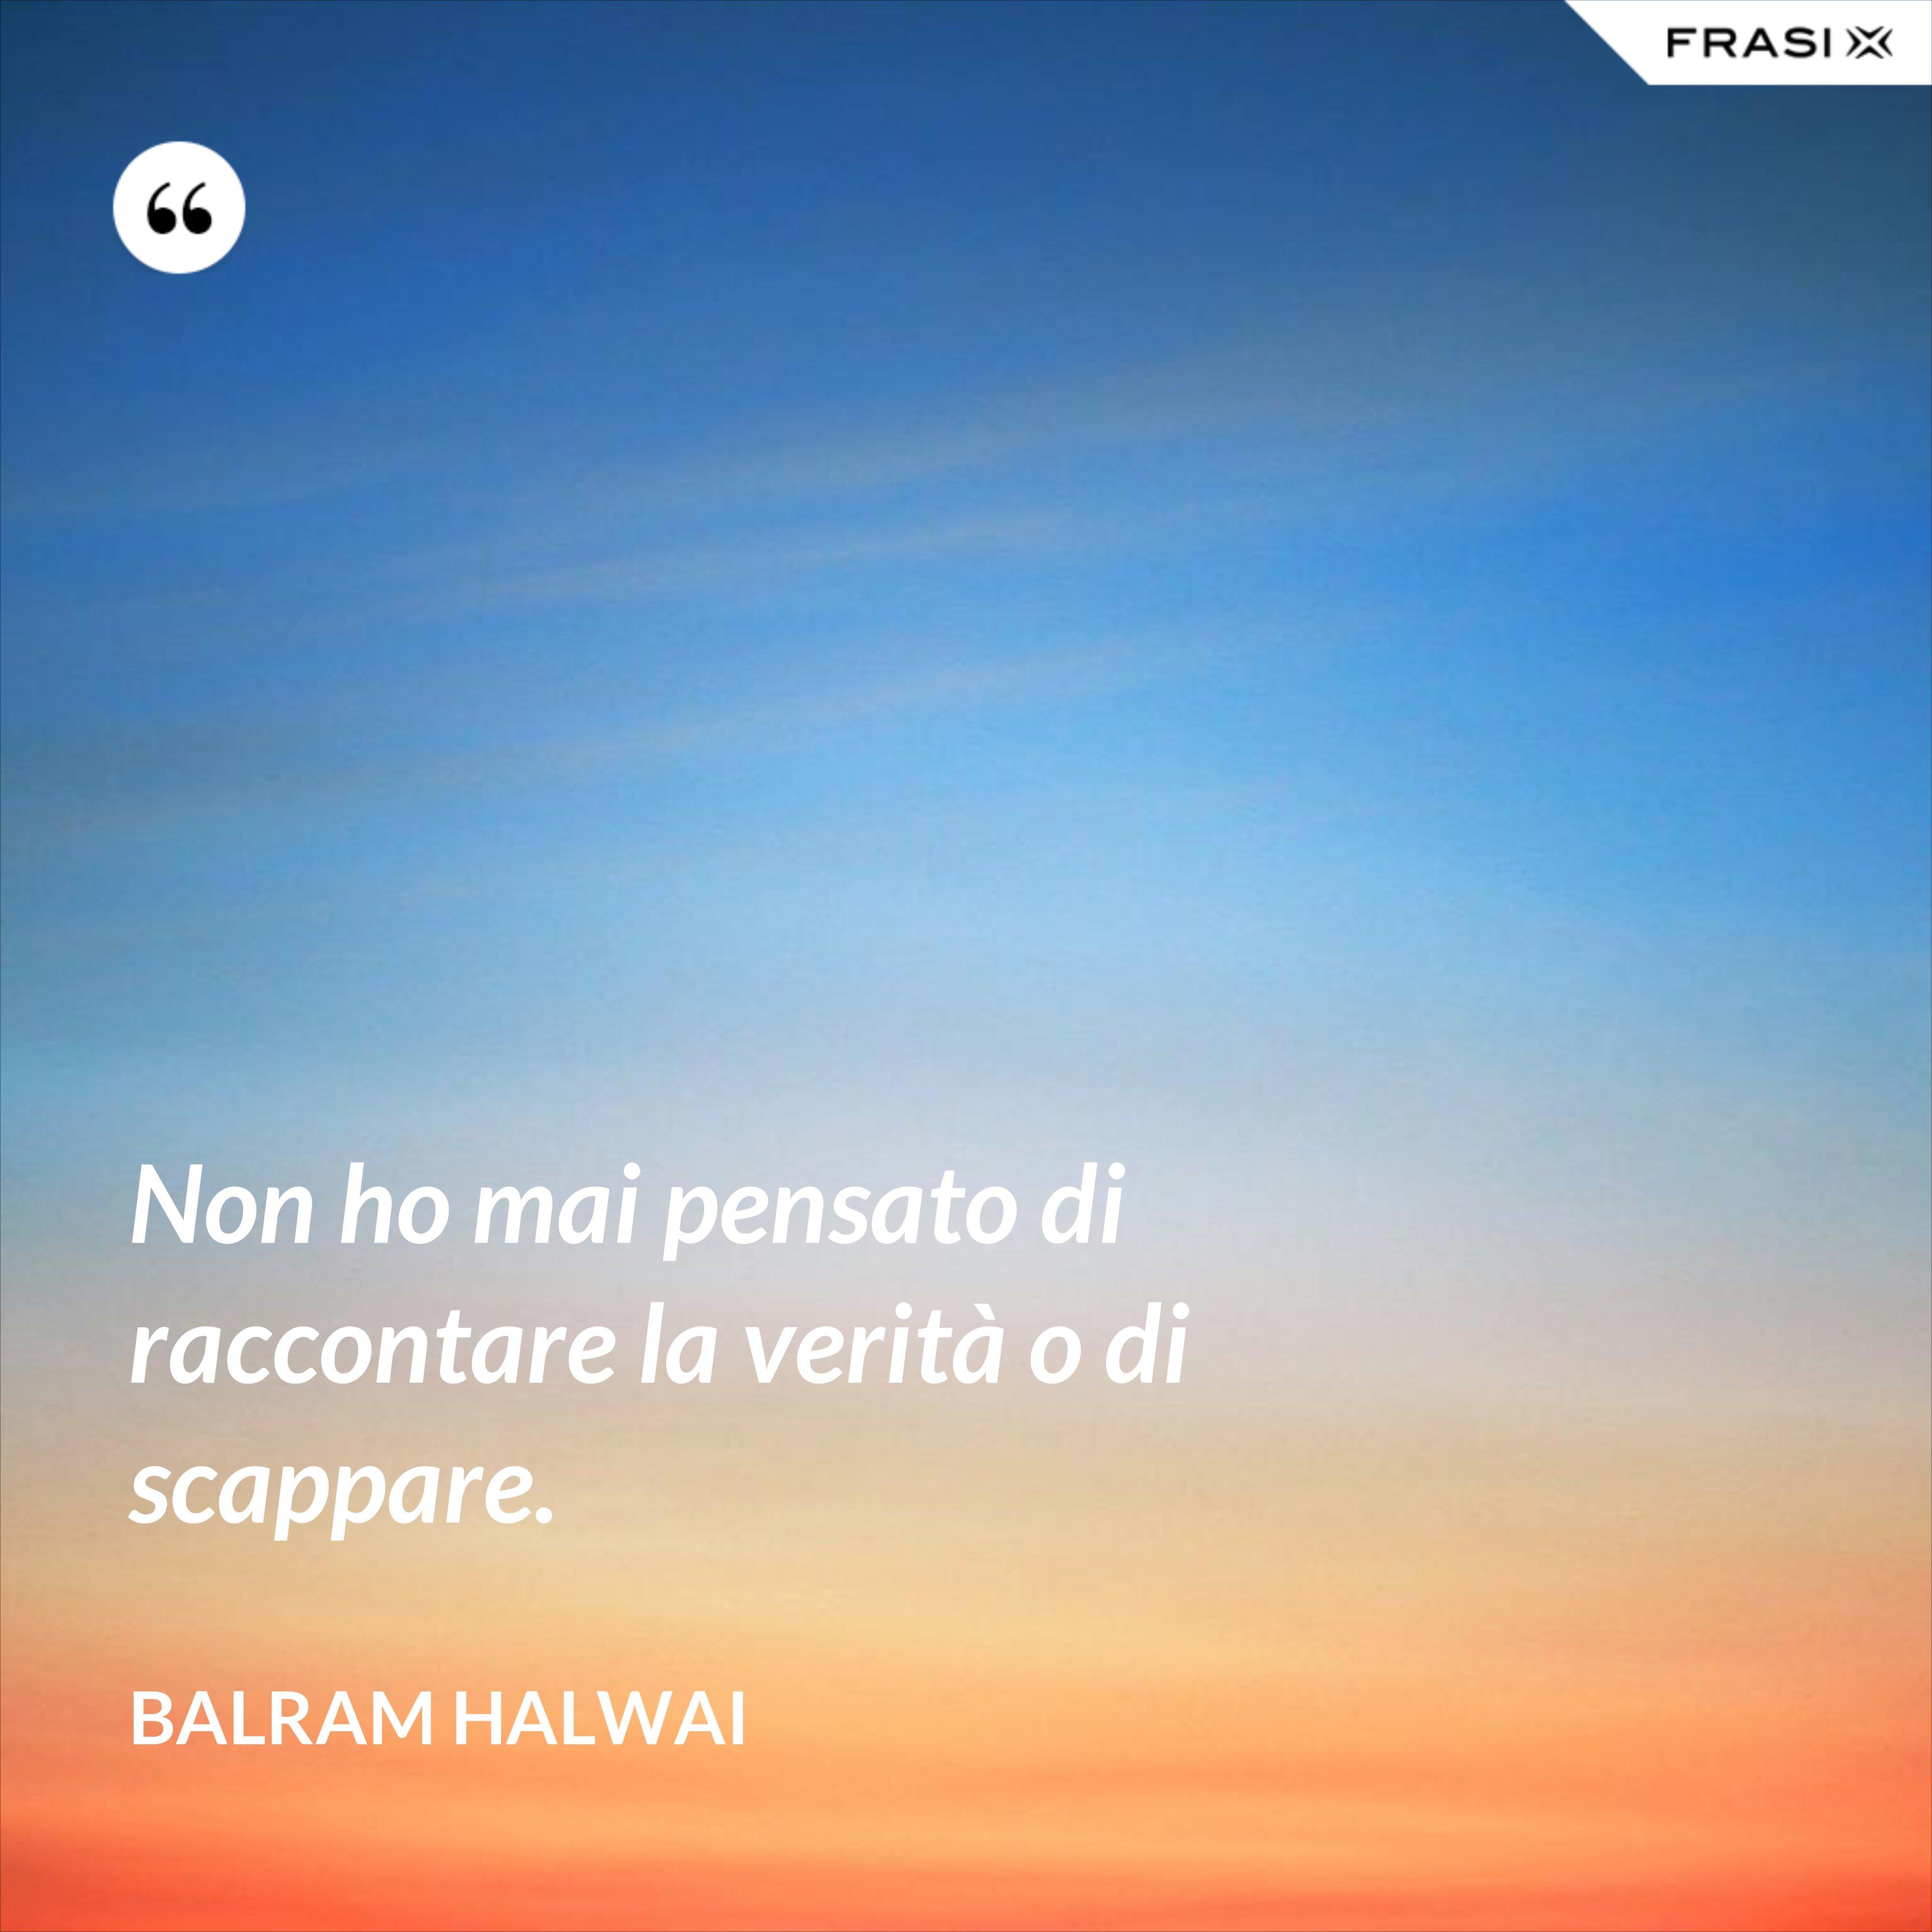 Non ho mai pensato di raccontare la verità o di scappare. - Balram Halwai